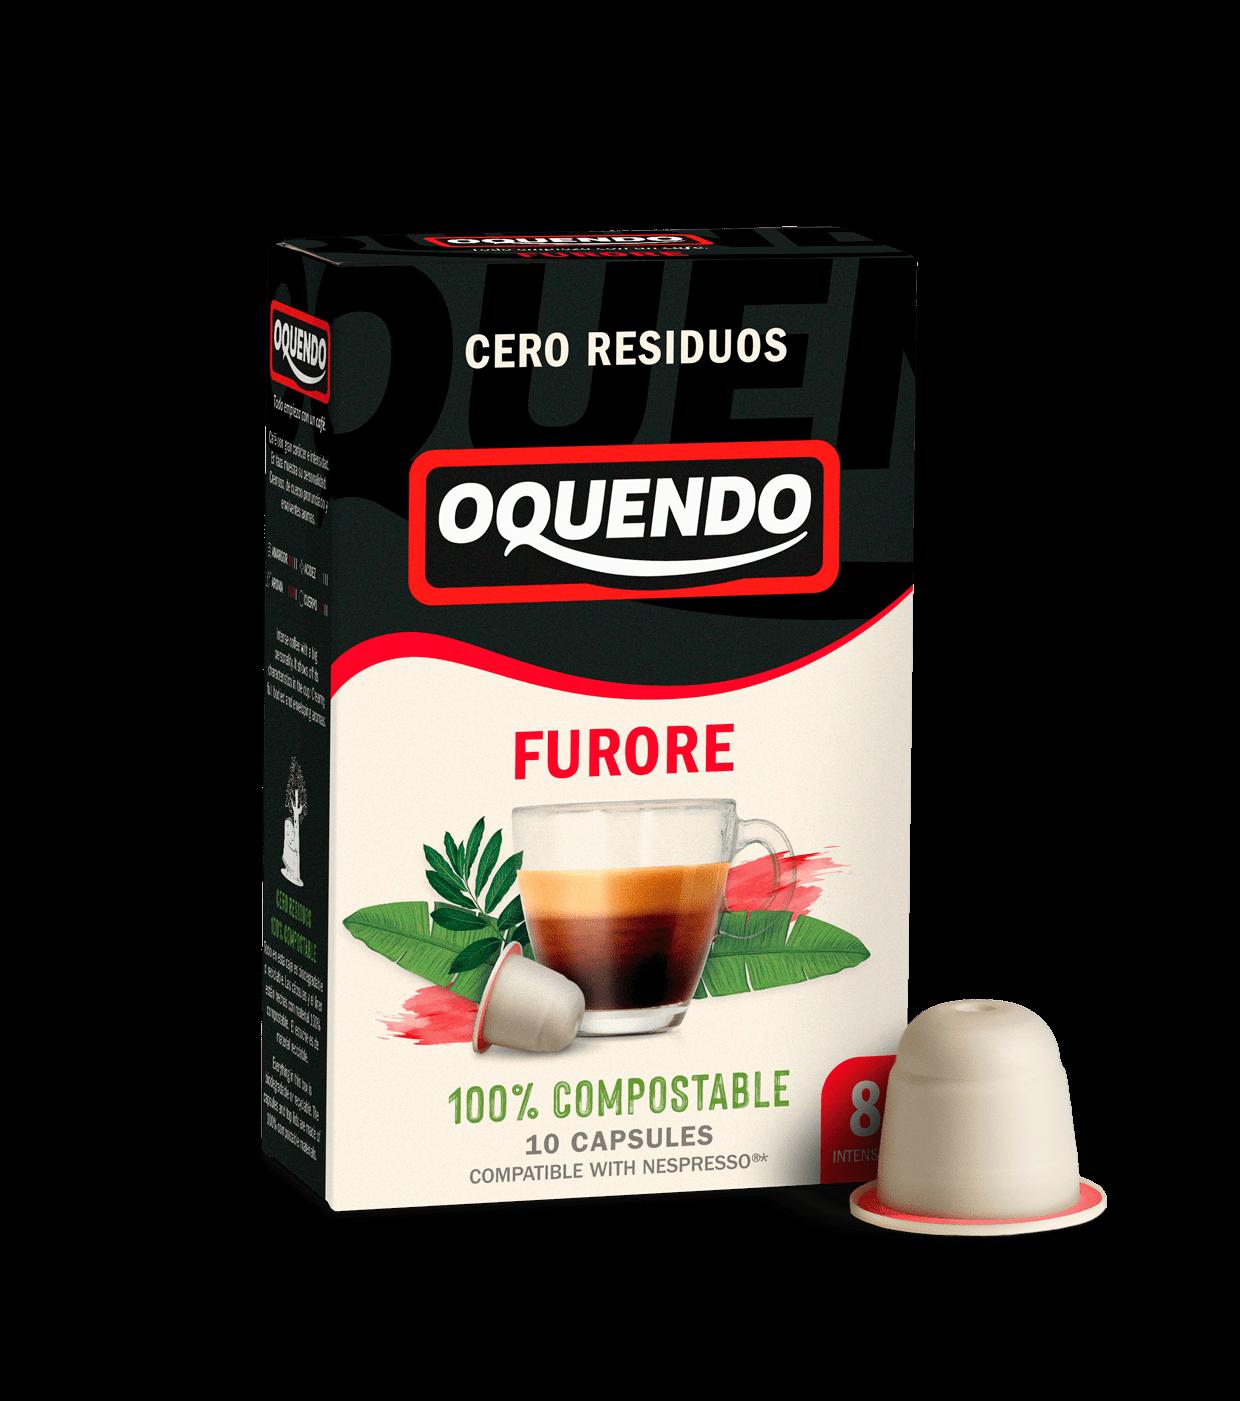 OQUENDO_CapsulaFurore